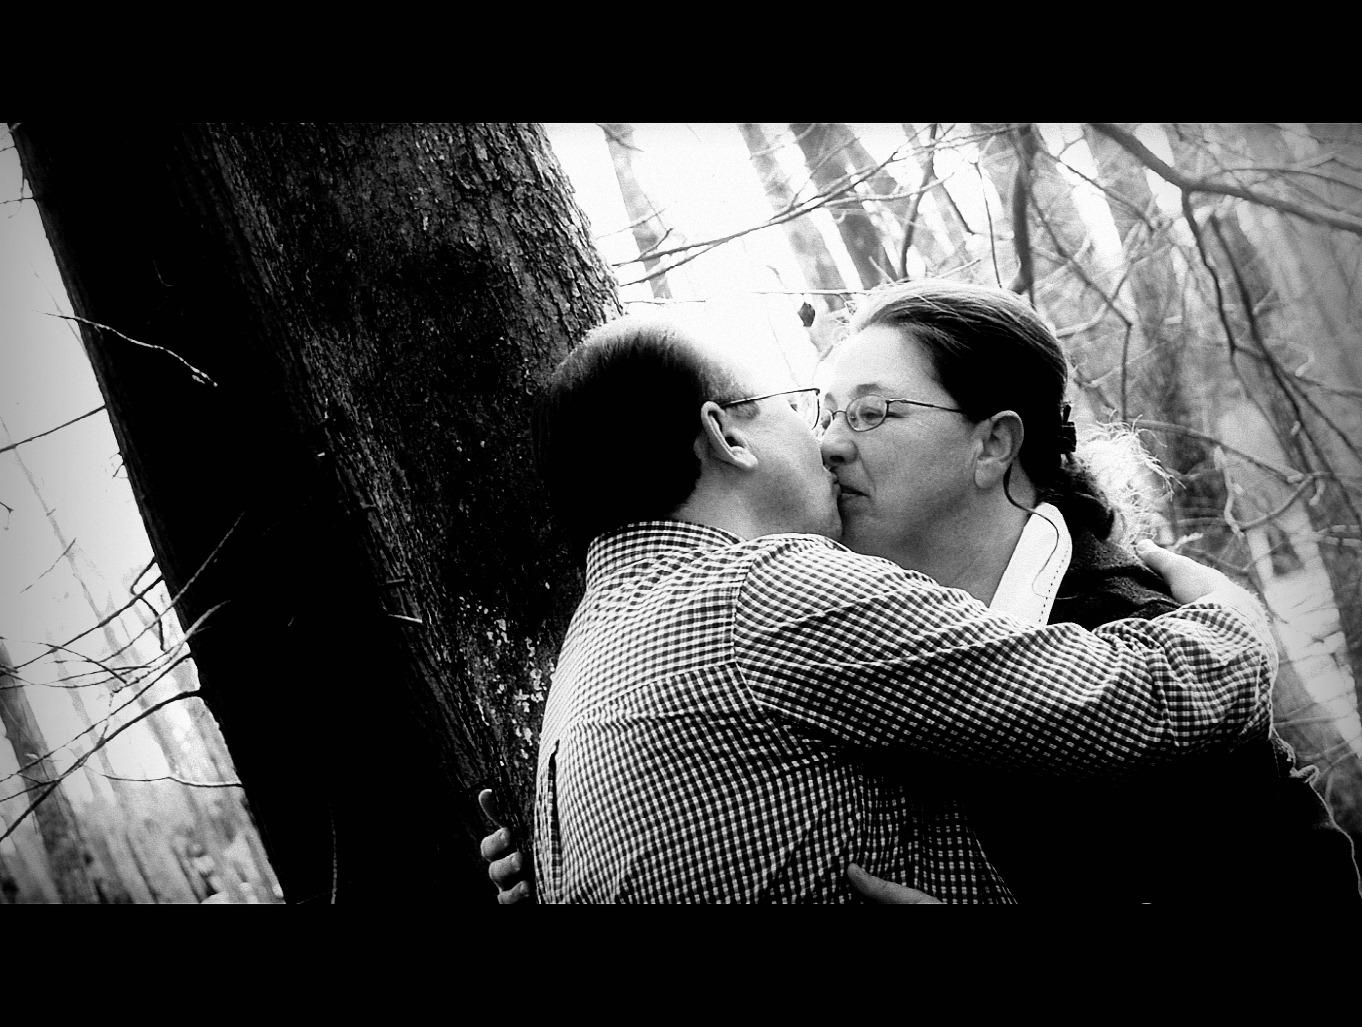 [kissing]